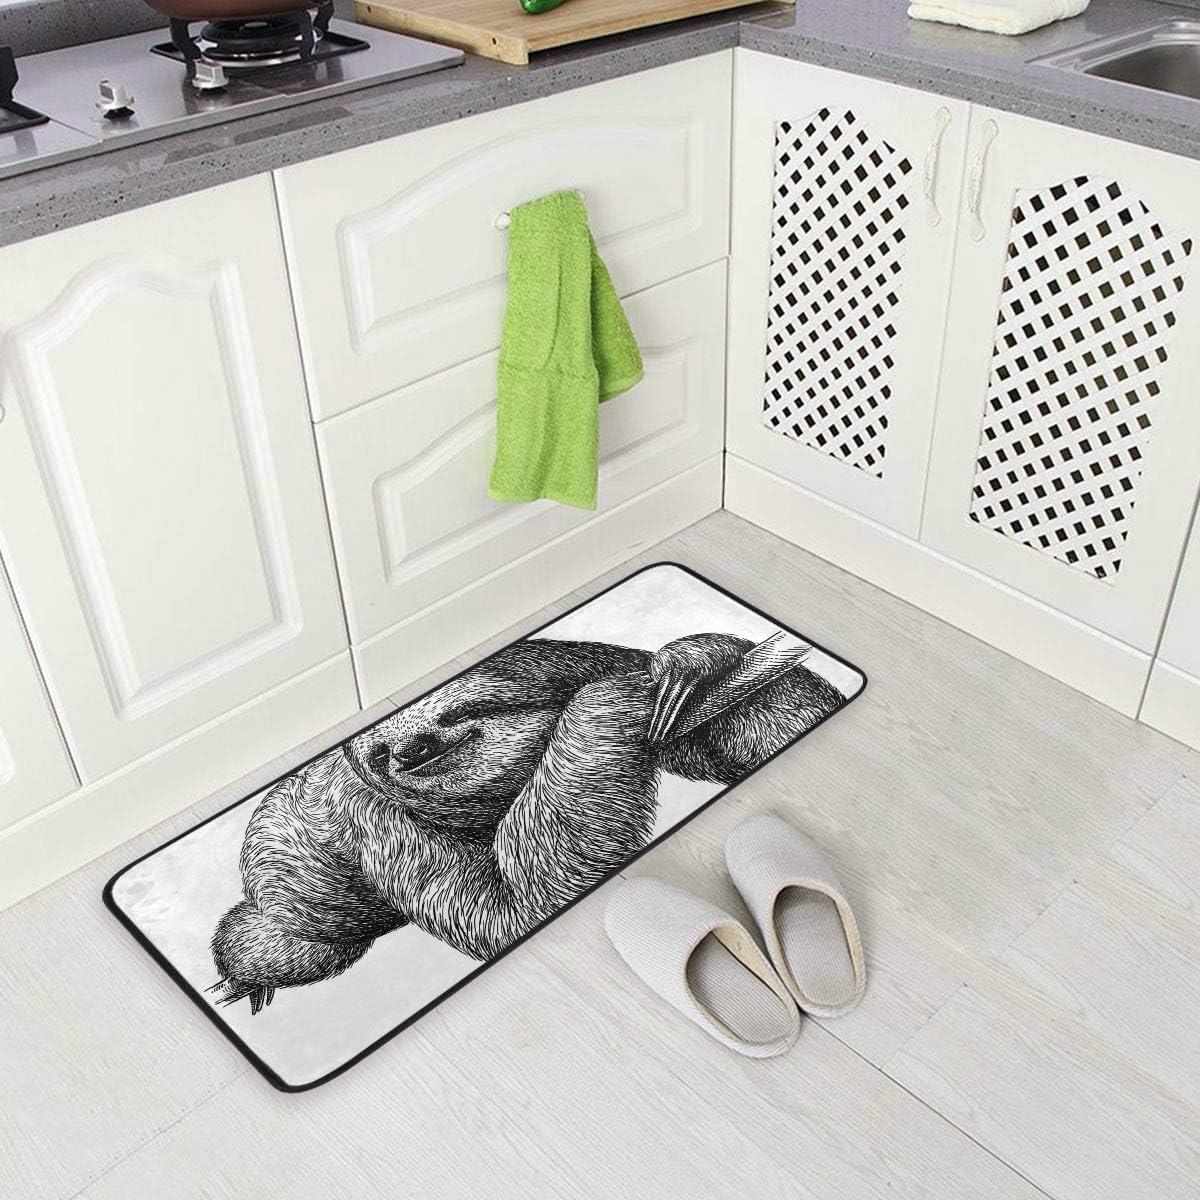 Sloth Kitchen Floor Mat Door Mats Inside Outside Front Doormat Non Slip  Kitchen Rug for Home, 9